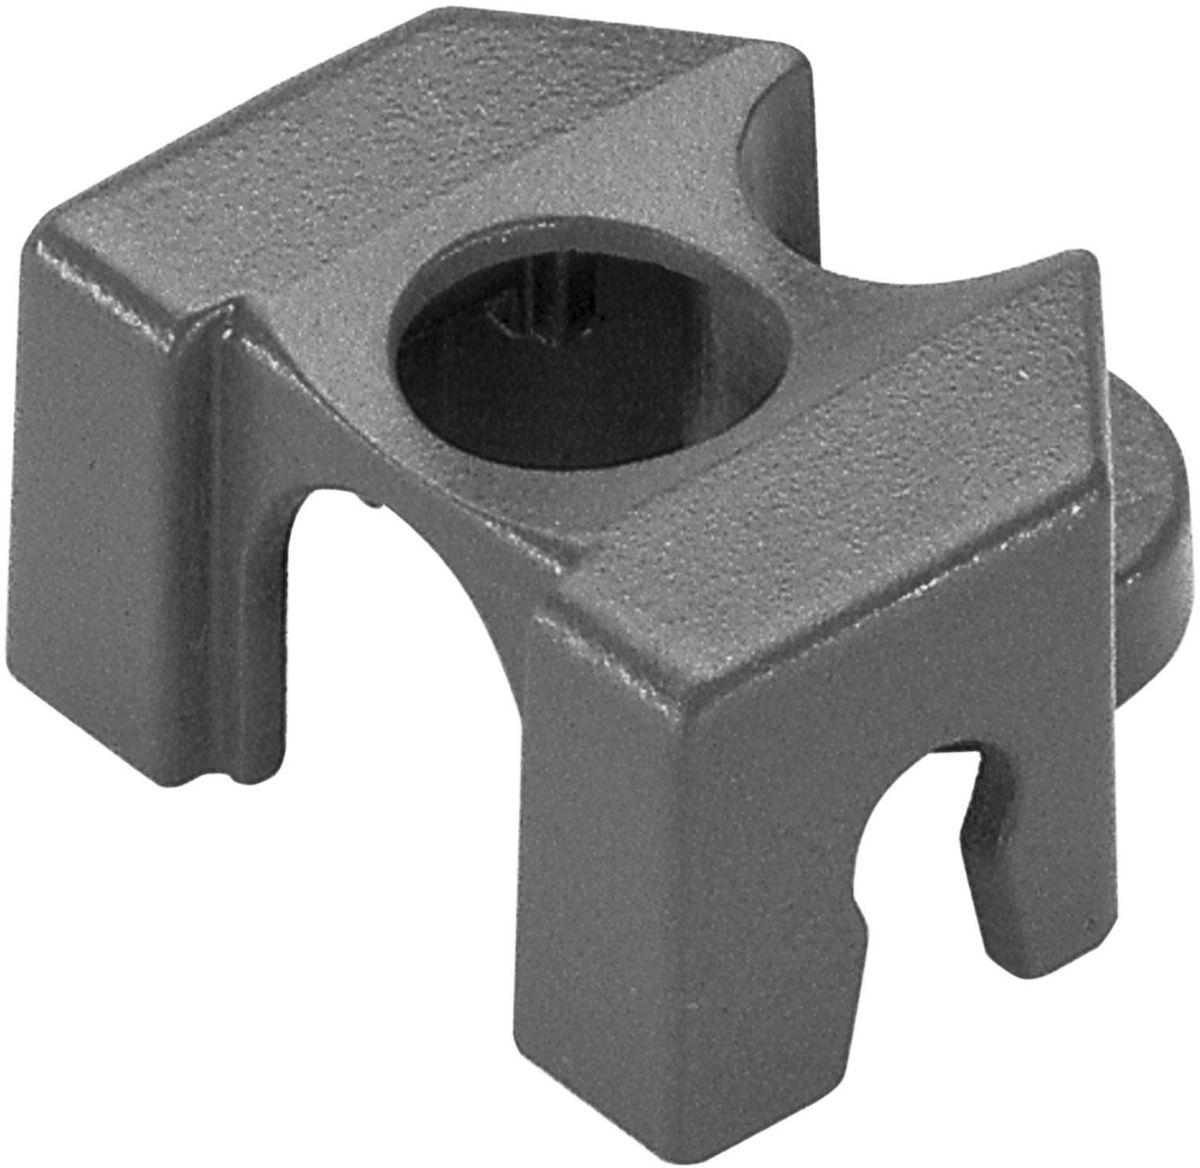 Крепление Gardena, резьба 4,6 мм (3/16), 5 шт08379-20.000.00Крепление Gardena предназначено для надежного закрепления шланга на жестком основании и микронасадок. Для удлинения насадки используется совместно с Т-образным соединителем Gardena и надставкой (не входят в комплект). Имеет длительный срок эксплуатации. В комплект входят 5 штук.Крепление: 4,6 мм.